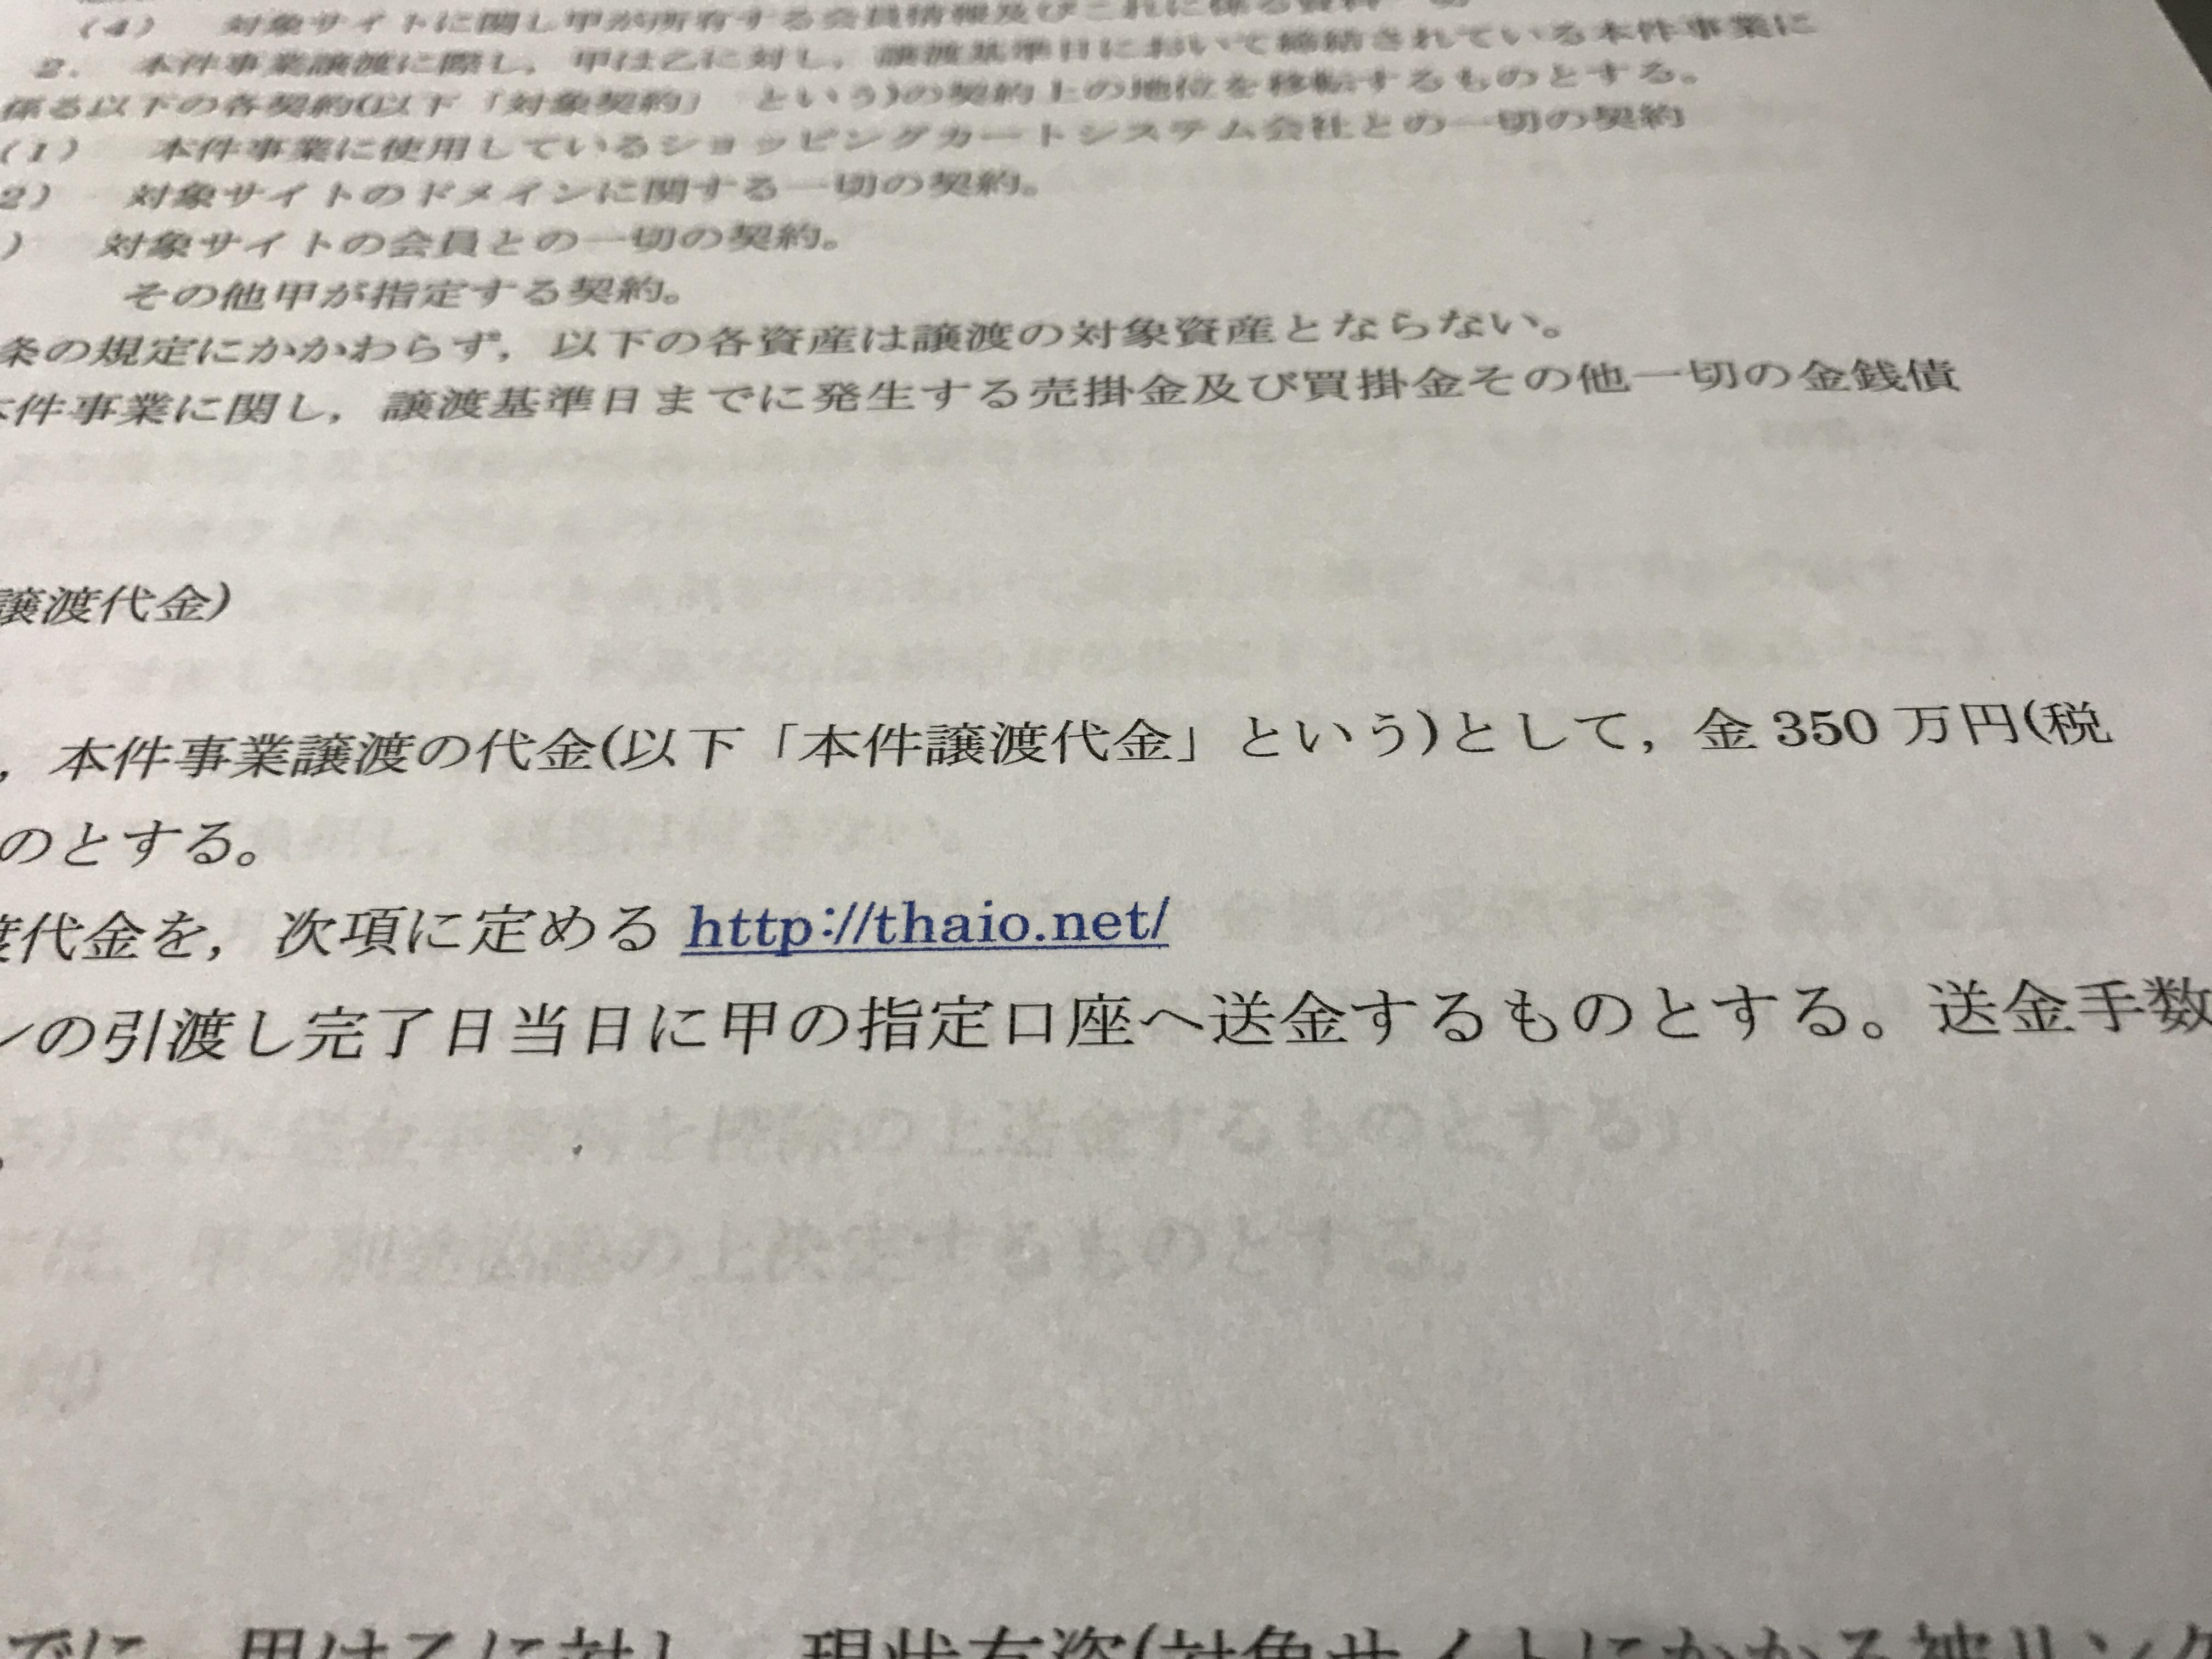 サイト売買契約書